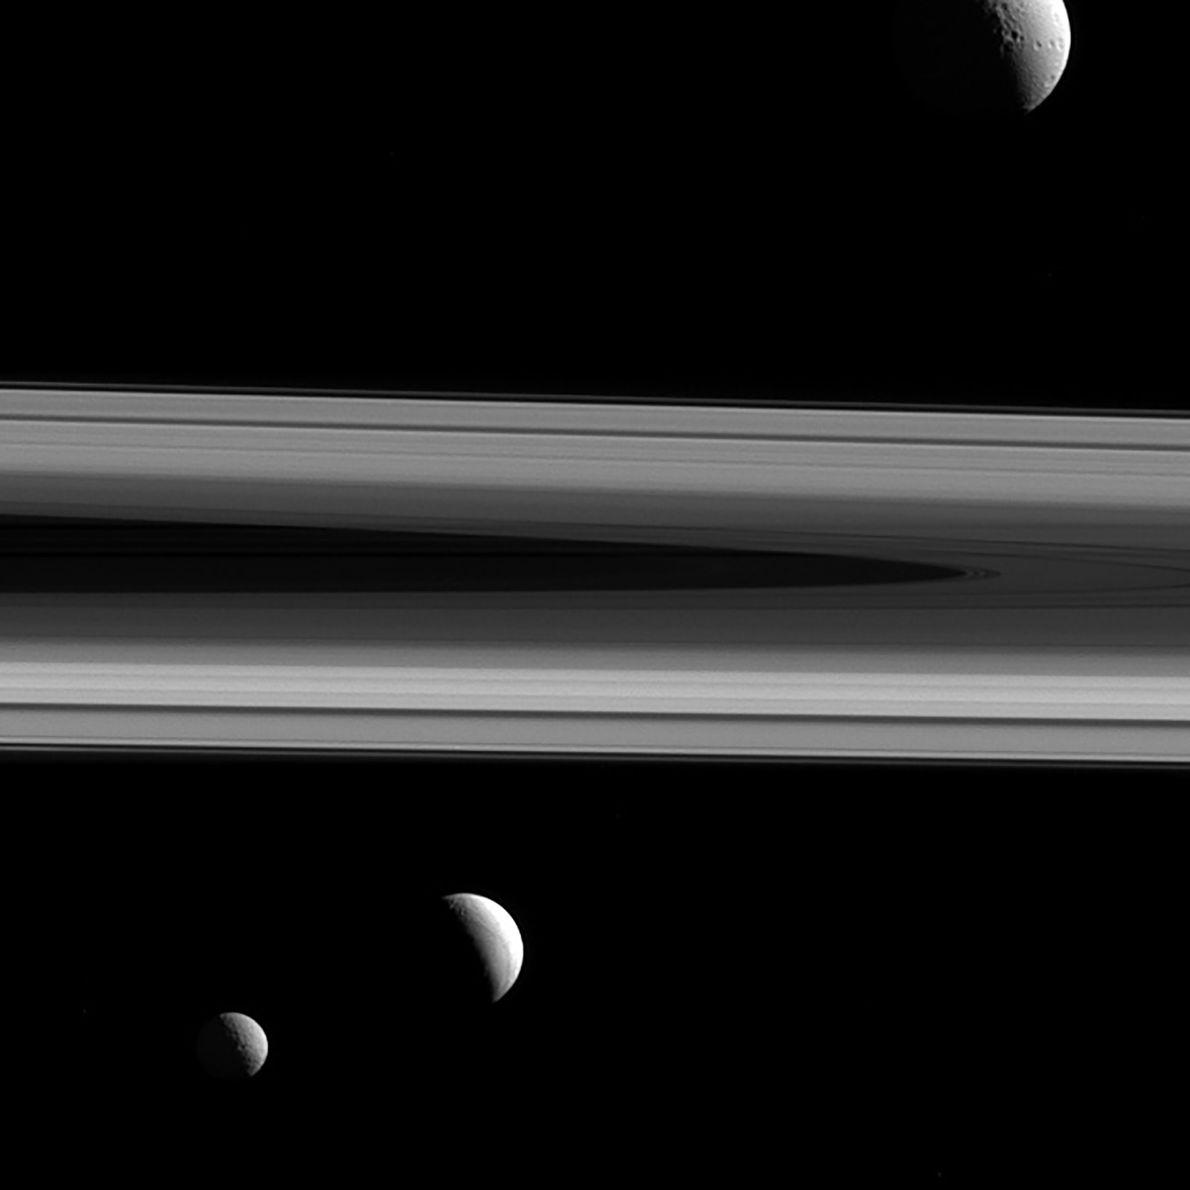 Trois des lunes de Saturne - Téthys, Enceladus, et Mimas apparaissent sur ces photos prises par ...